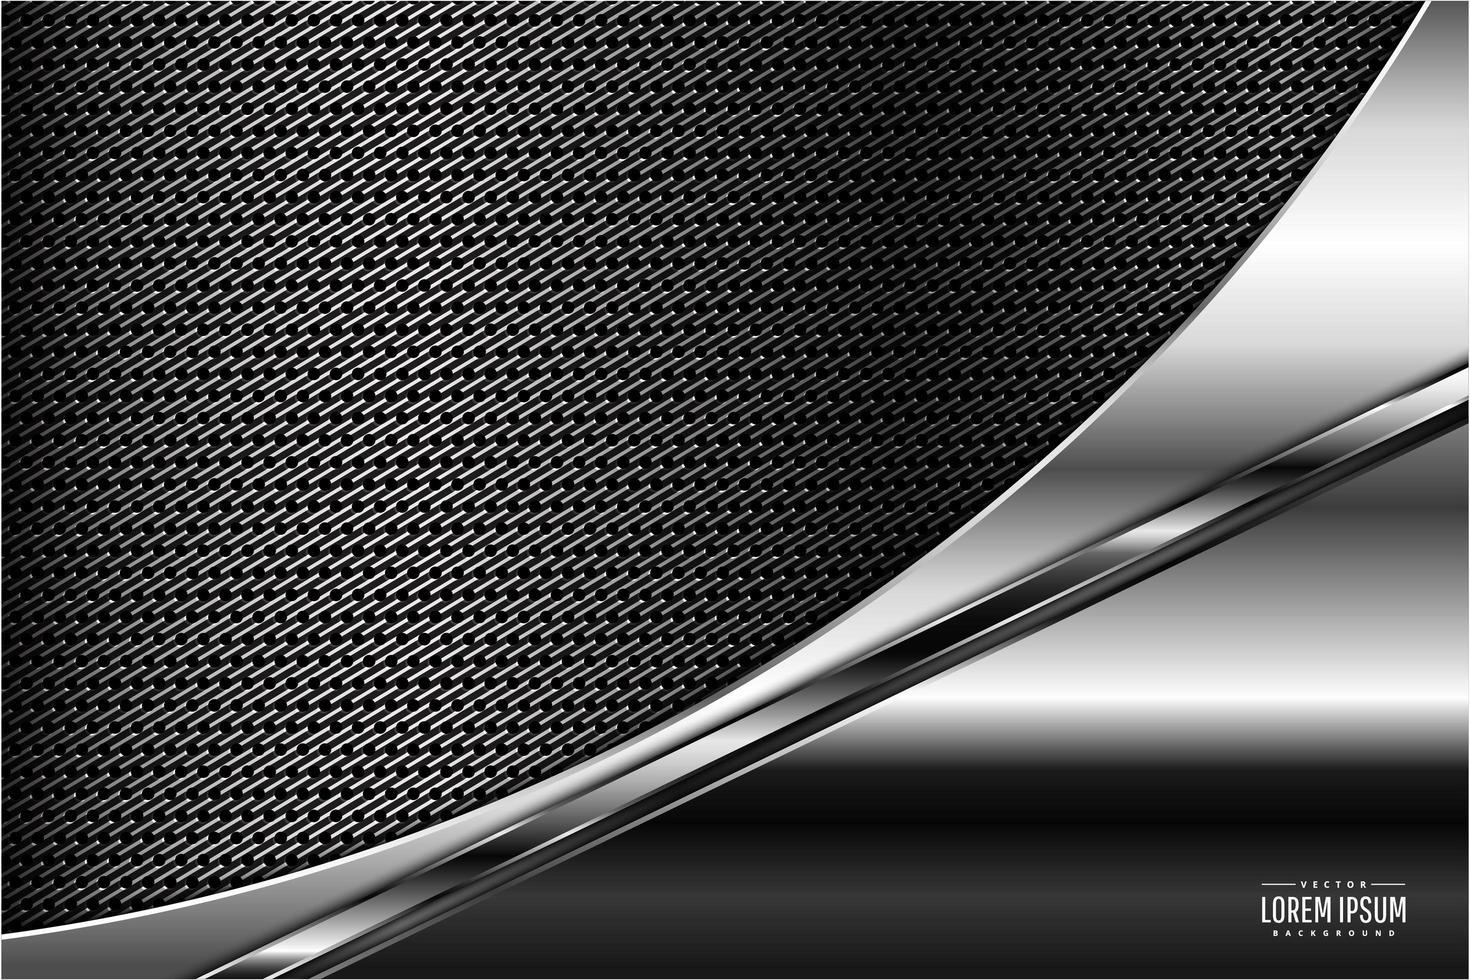 fond de conception incurvée métallique gris vecteur